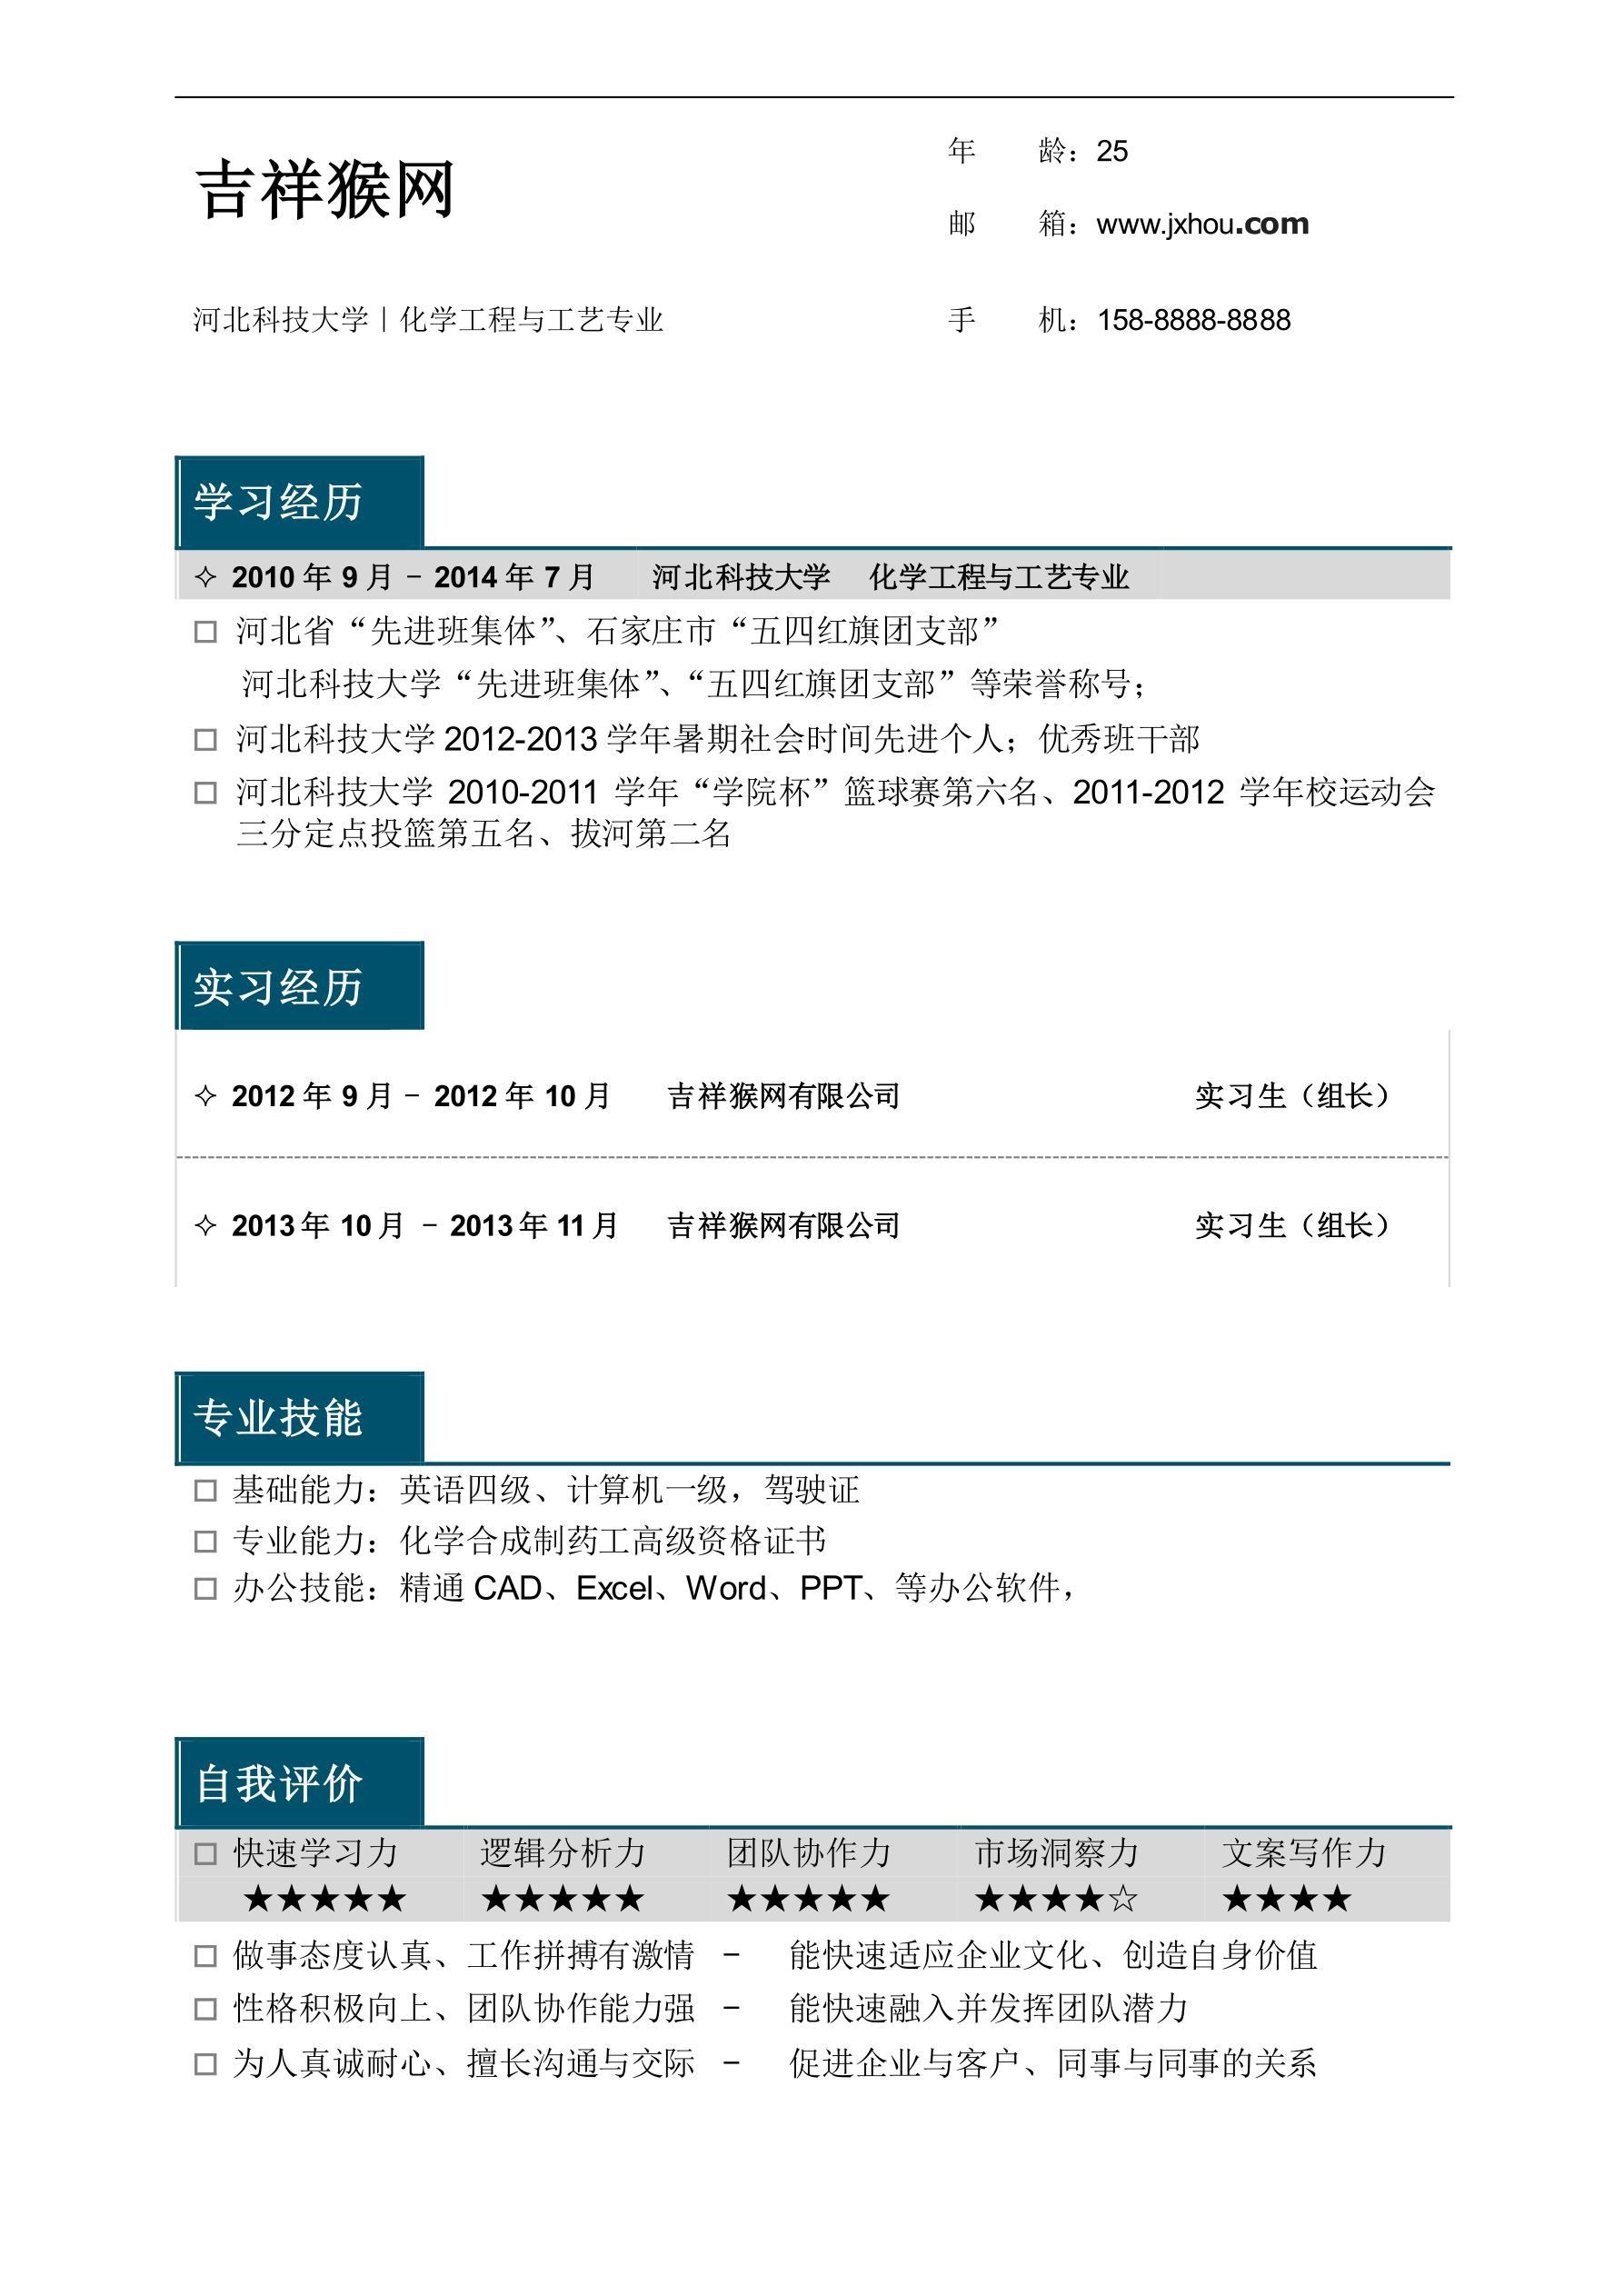 河北科技大学|化学工程与工艺专业模板